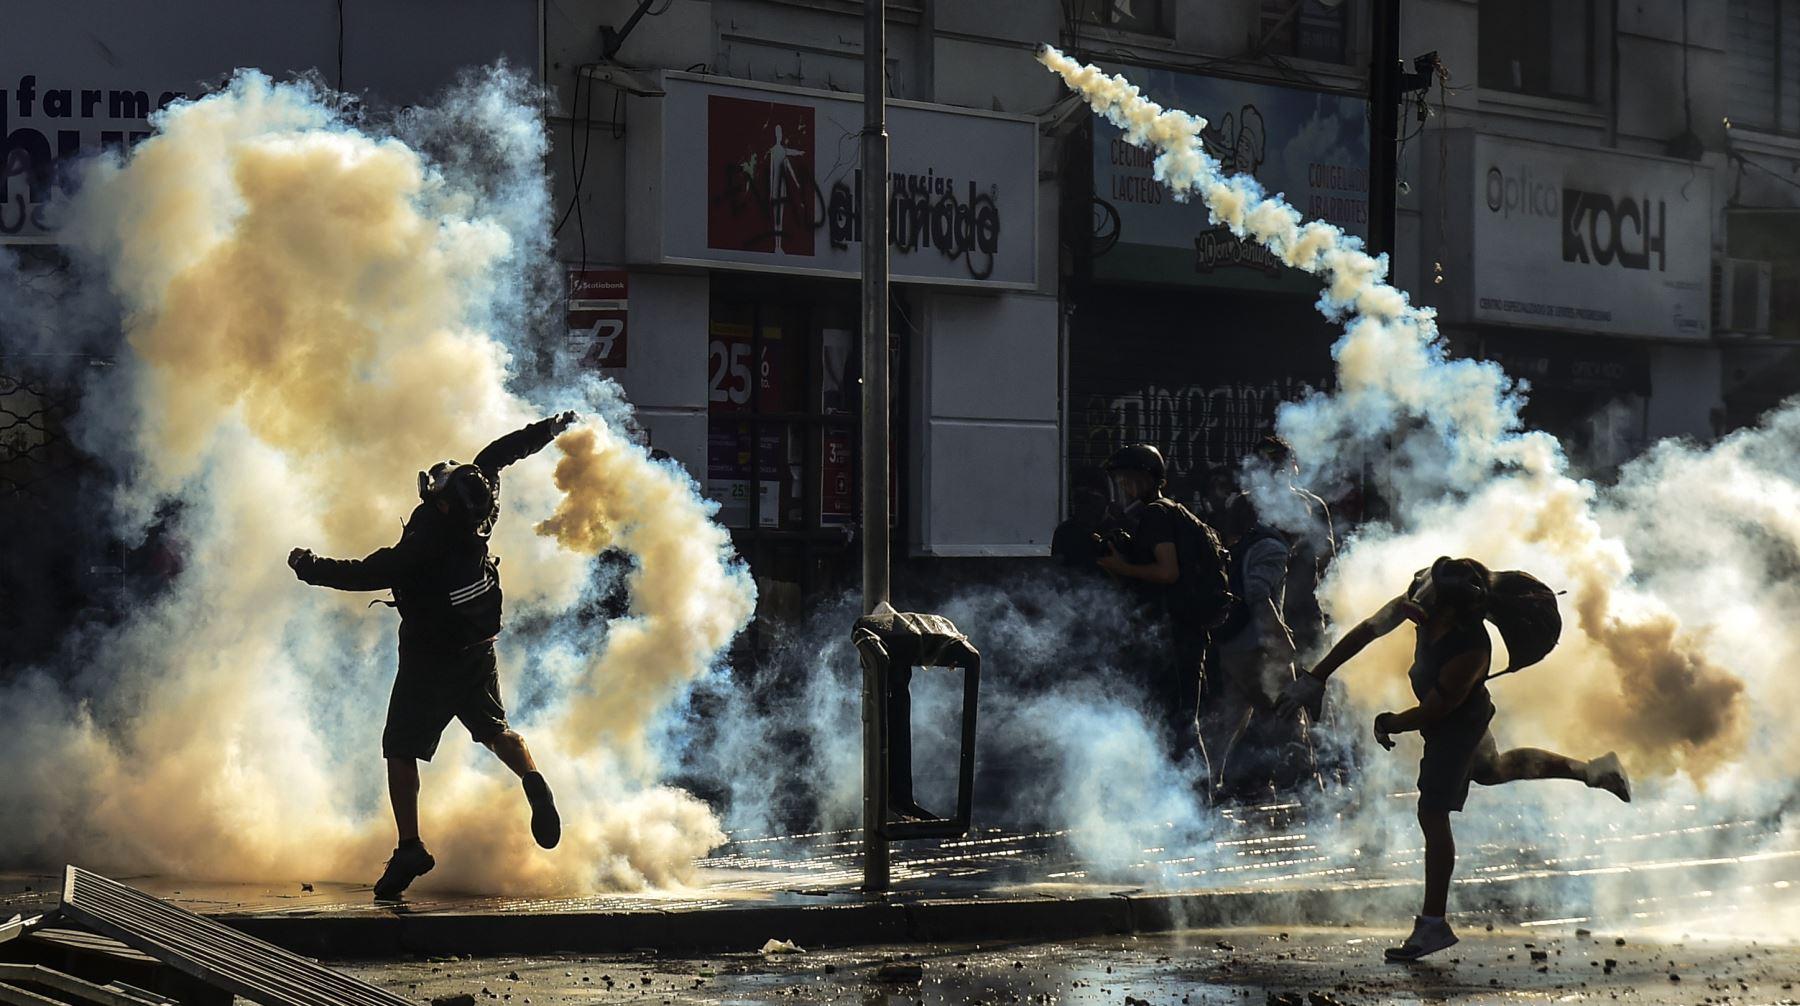 Manifestantes chocan con la policía durante una protesta contra el gobierno del presidente chileno Sebastián Piñera en Viña del Mar. AFP